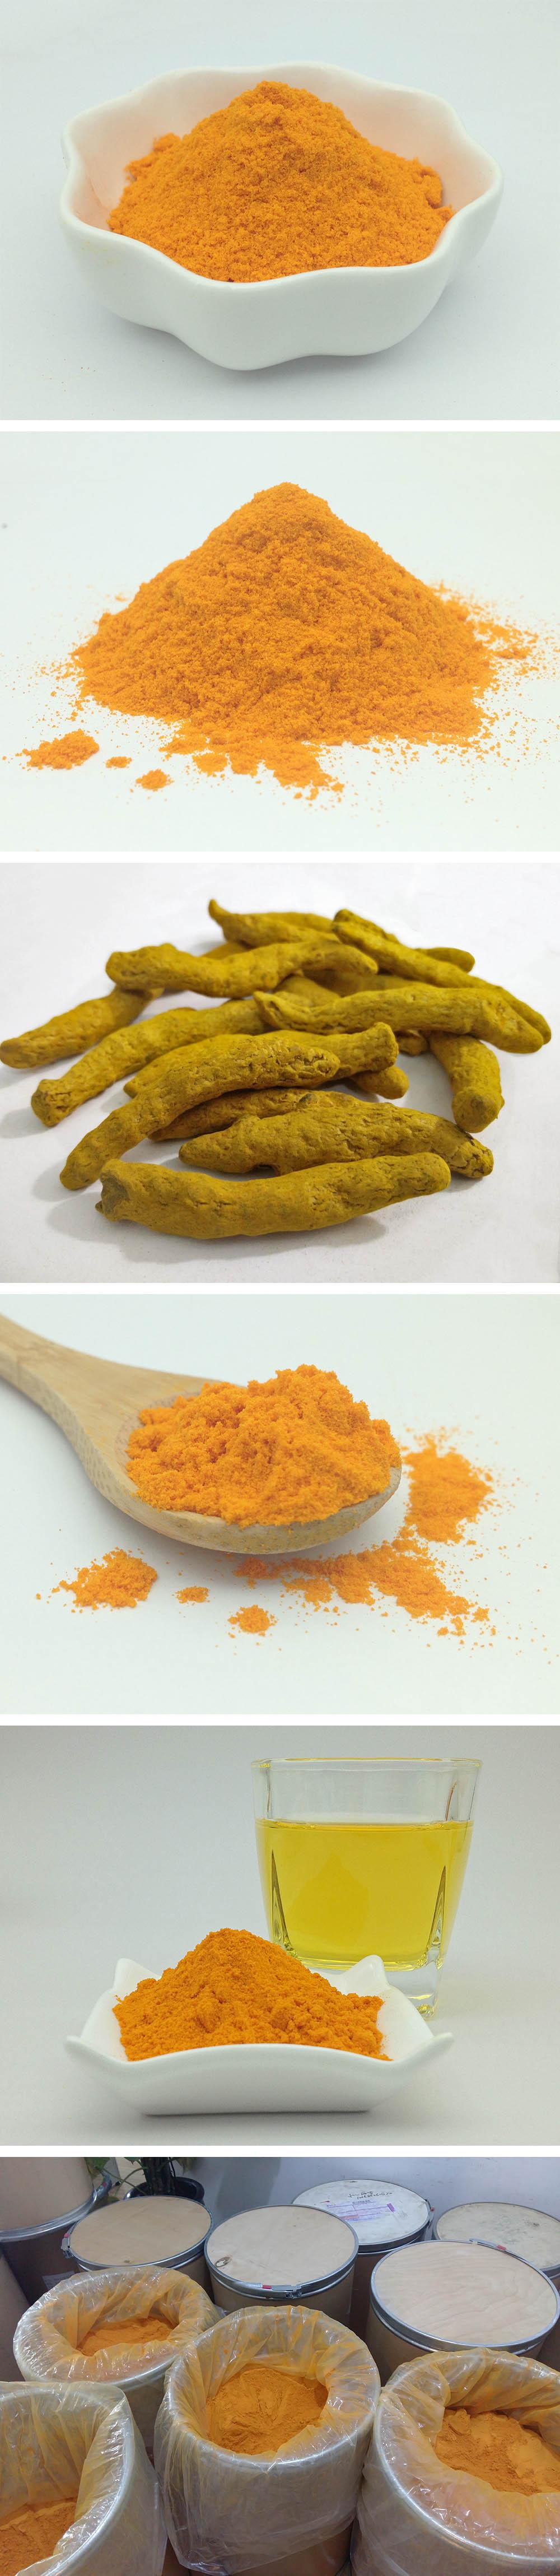 turmeric root extract curcumin powder